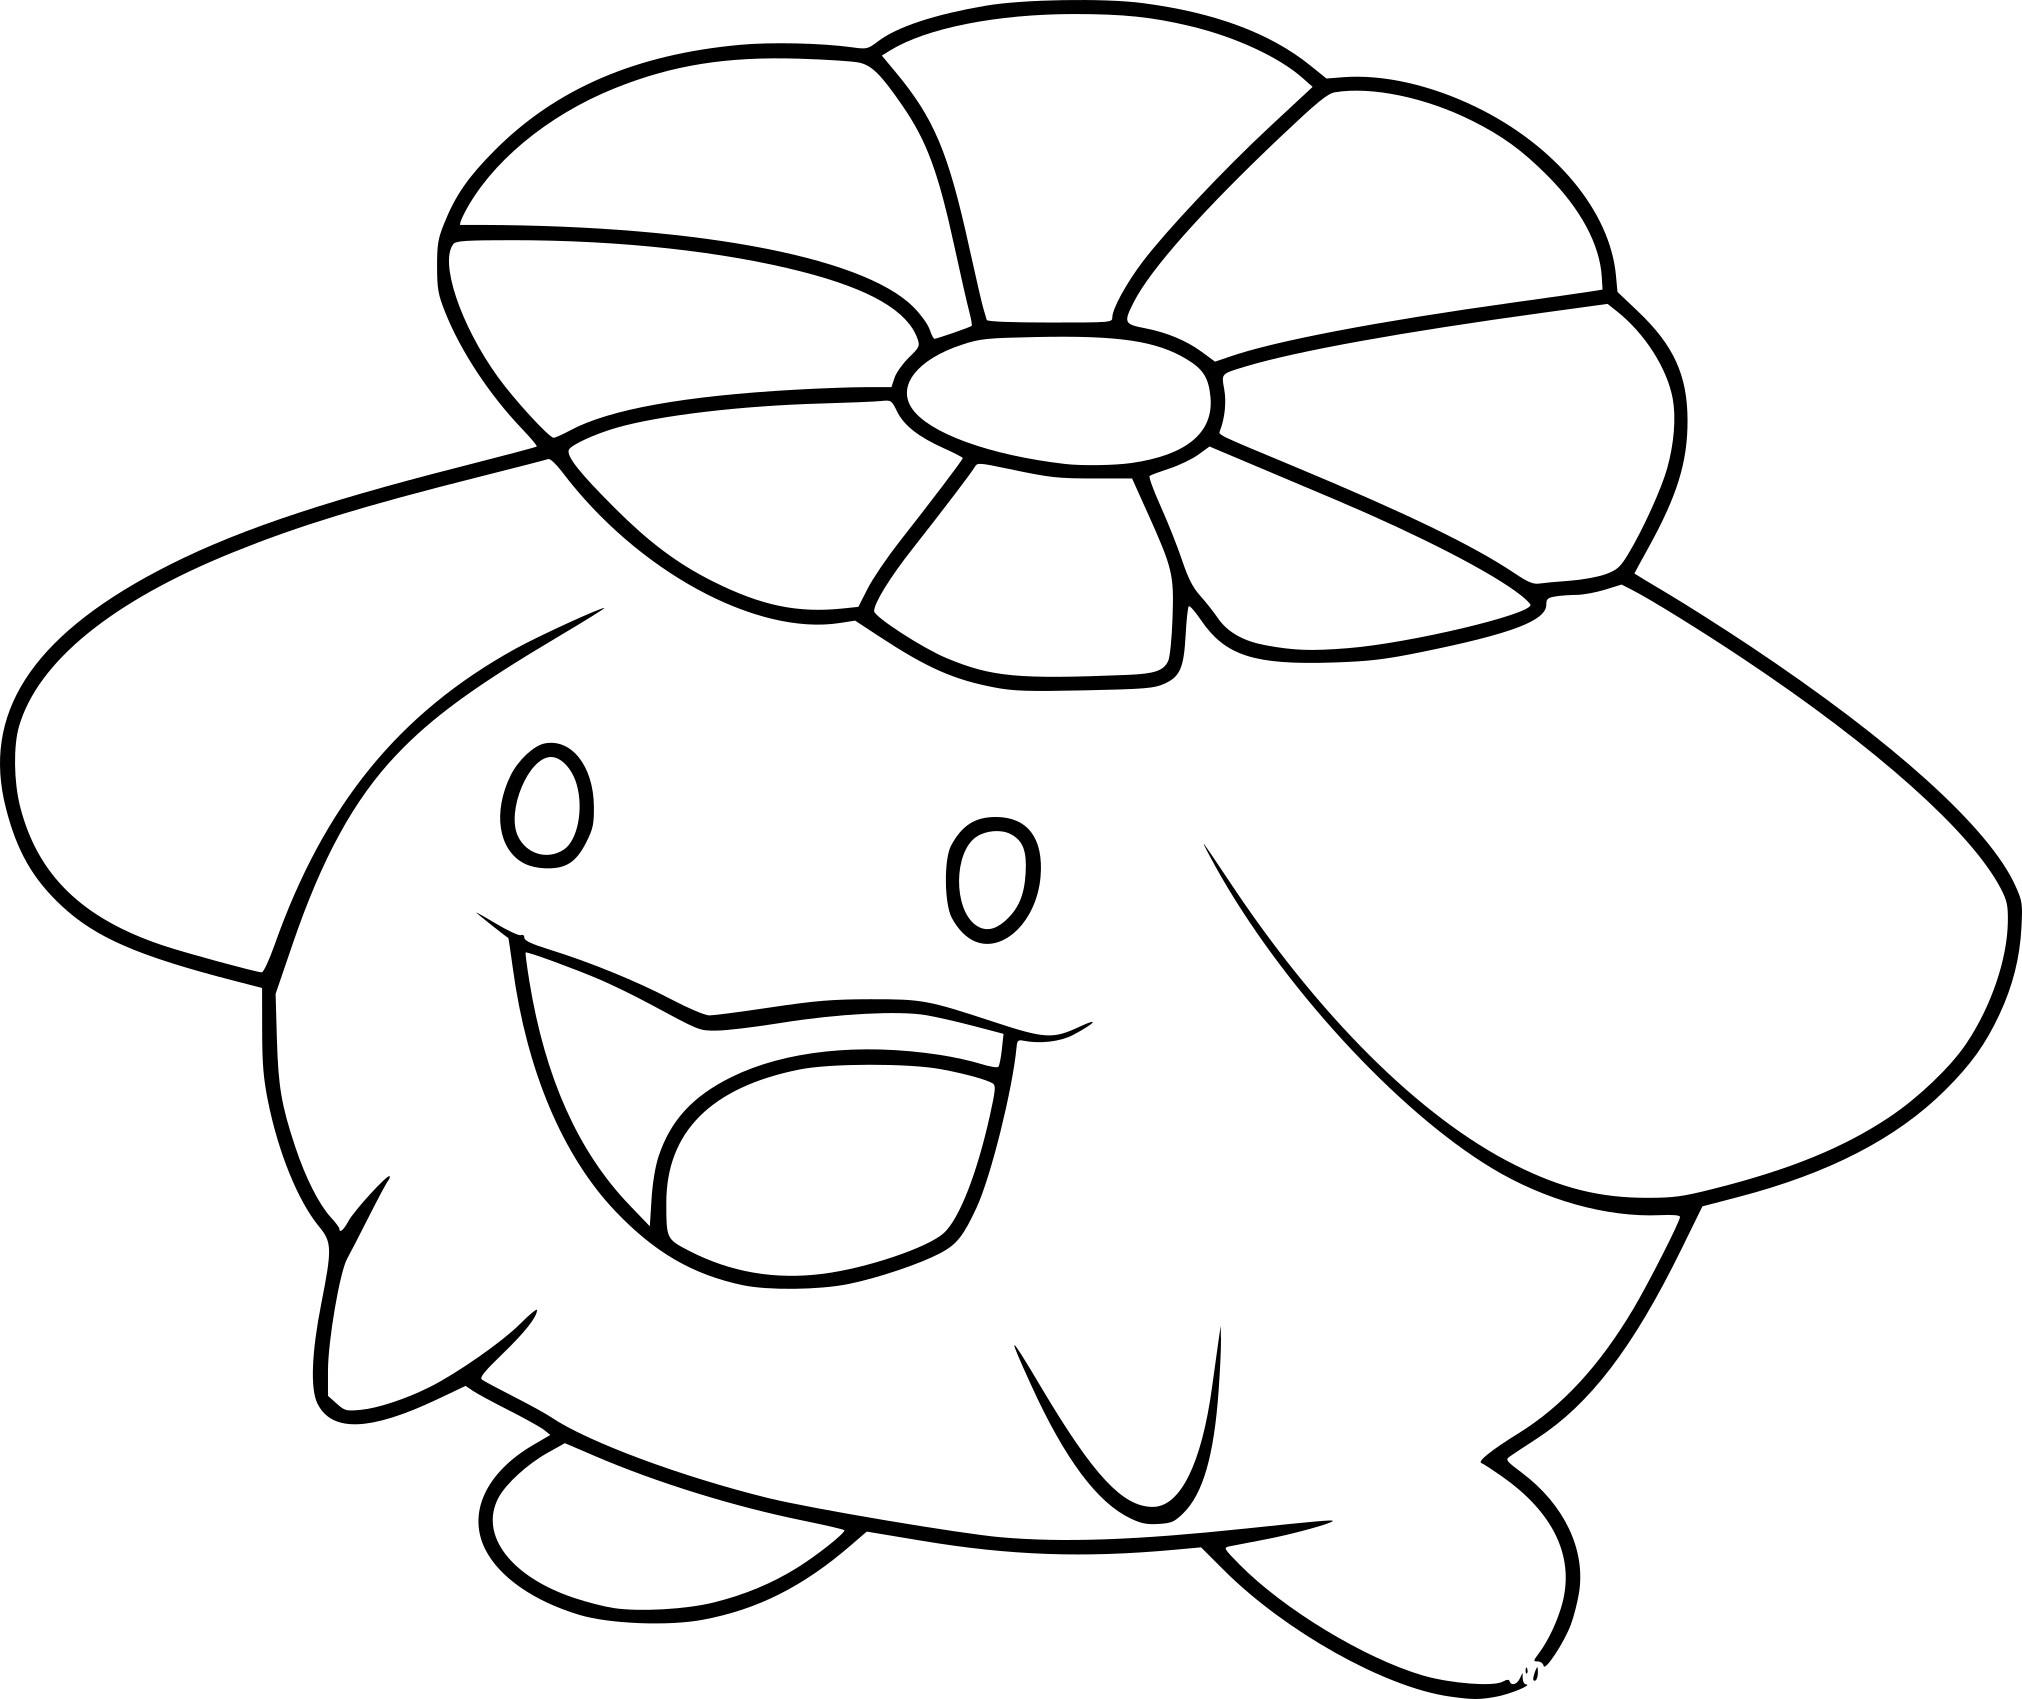 Coloriage Floravol Pokemon À Imprimer Sur Coloriages dedans Coloriage Pok?Mon Sucreine